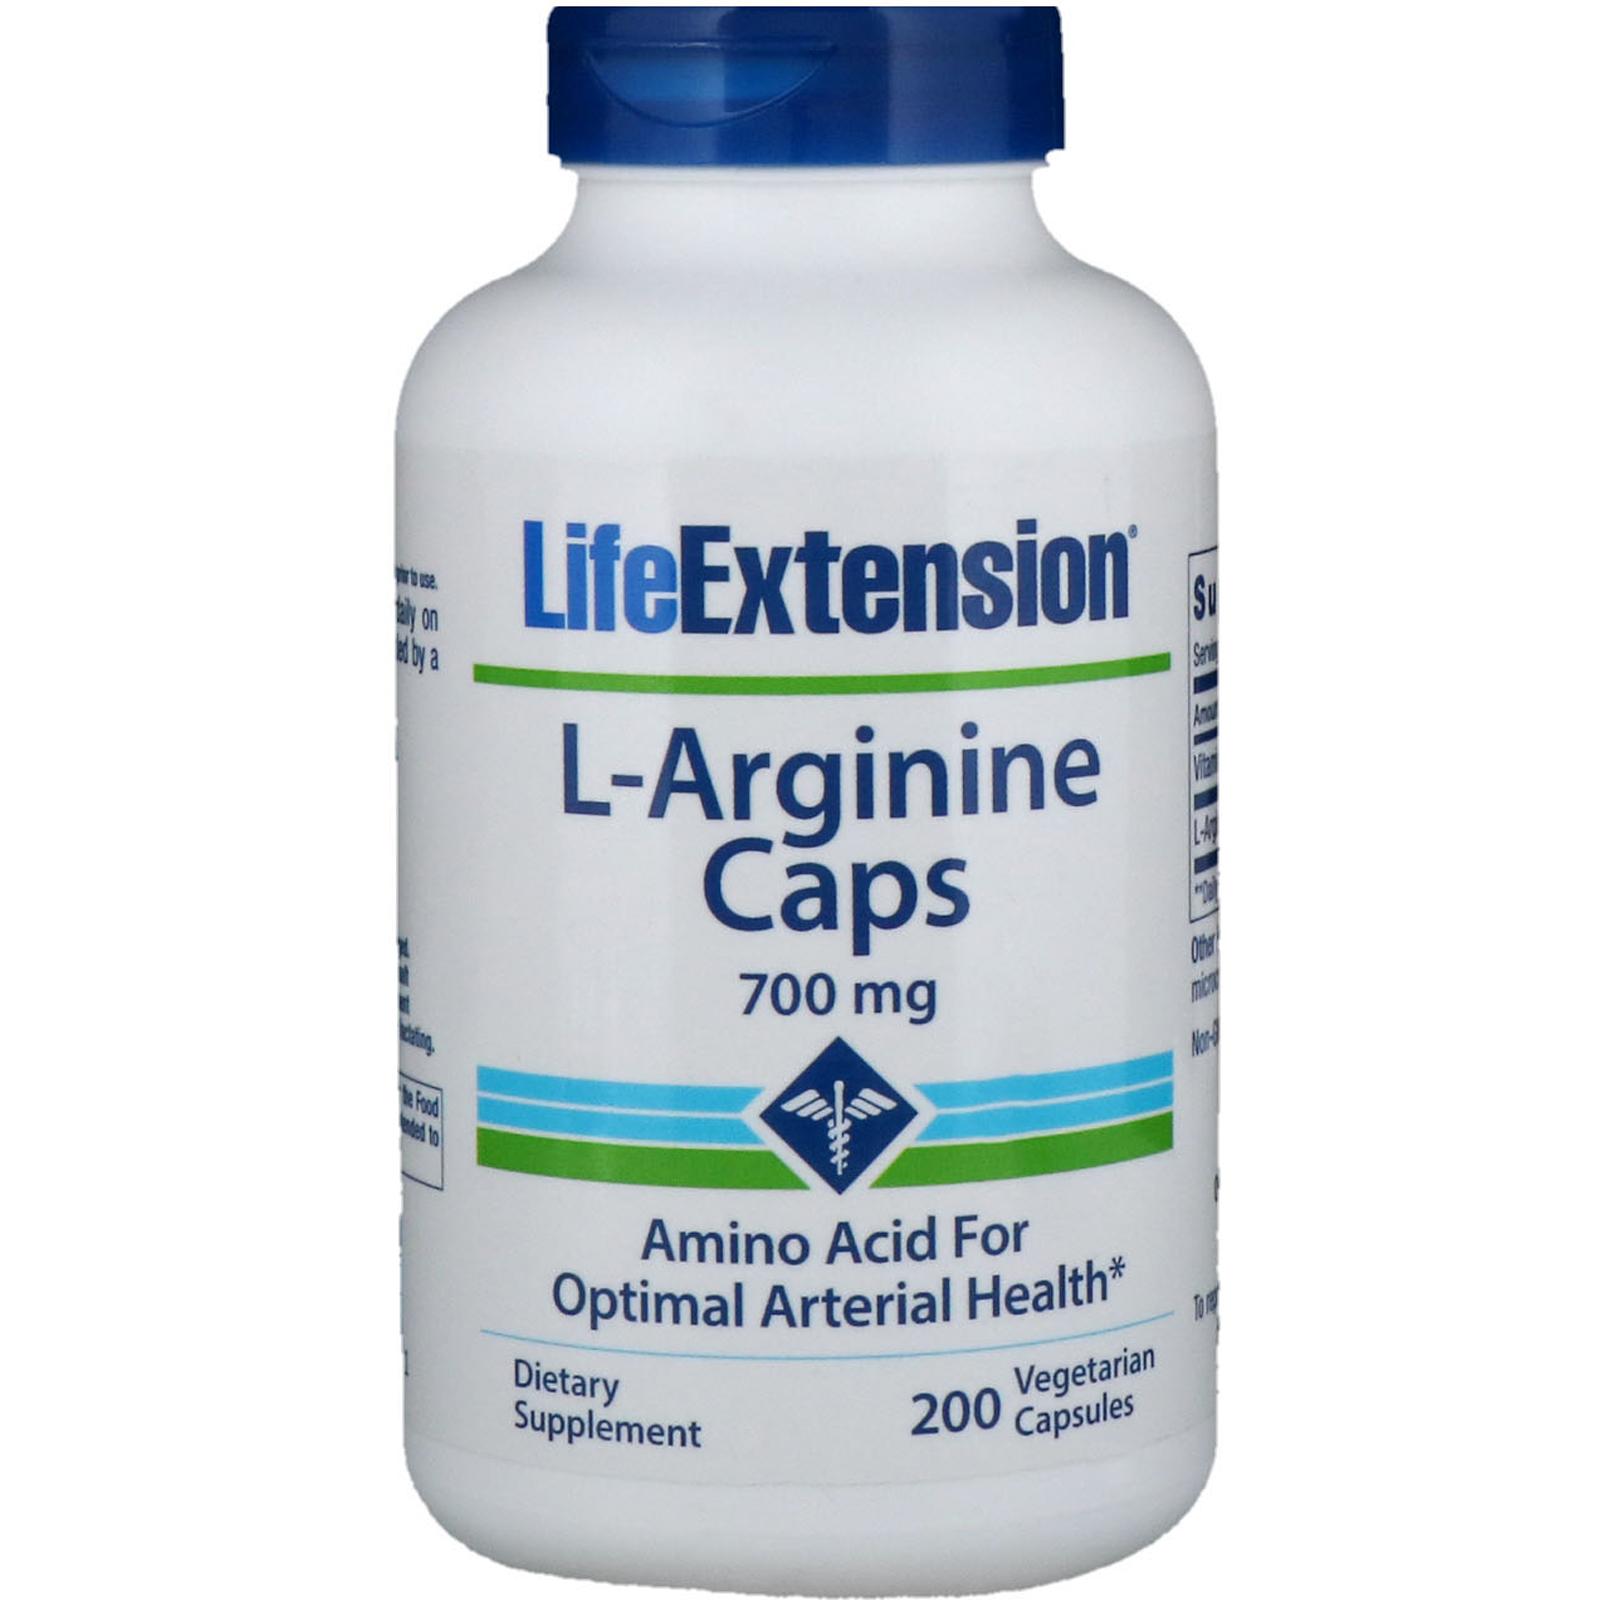 Life Extension 7ff8285f7e0e